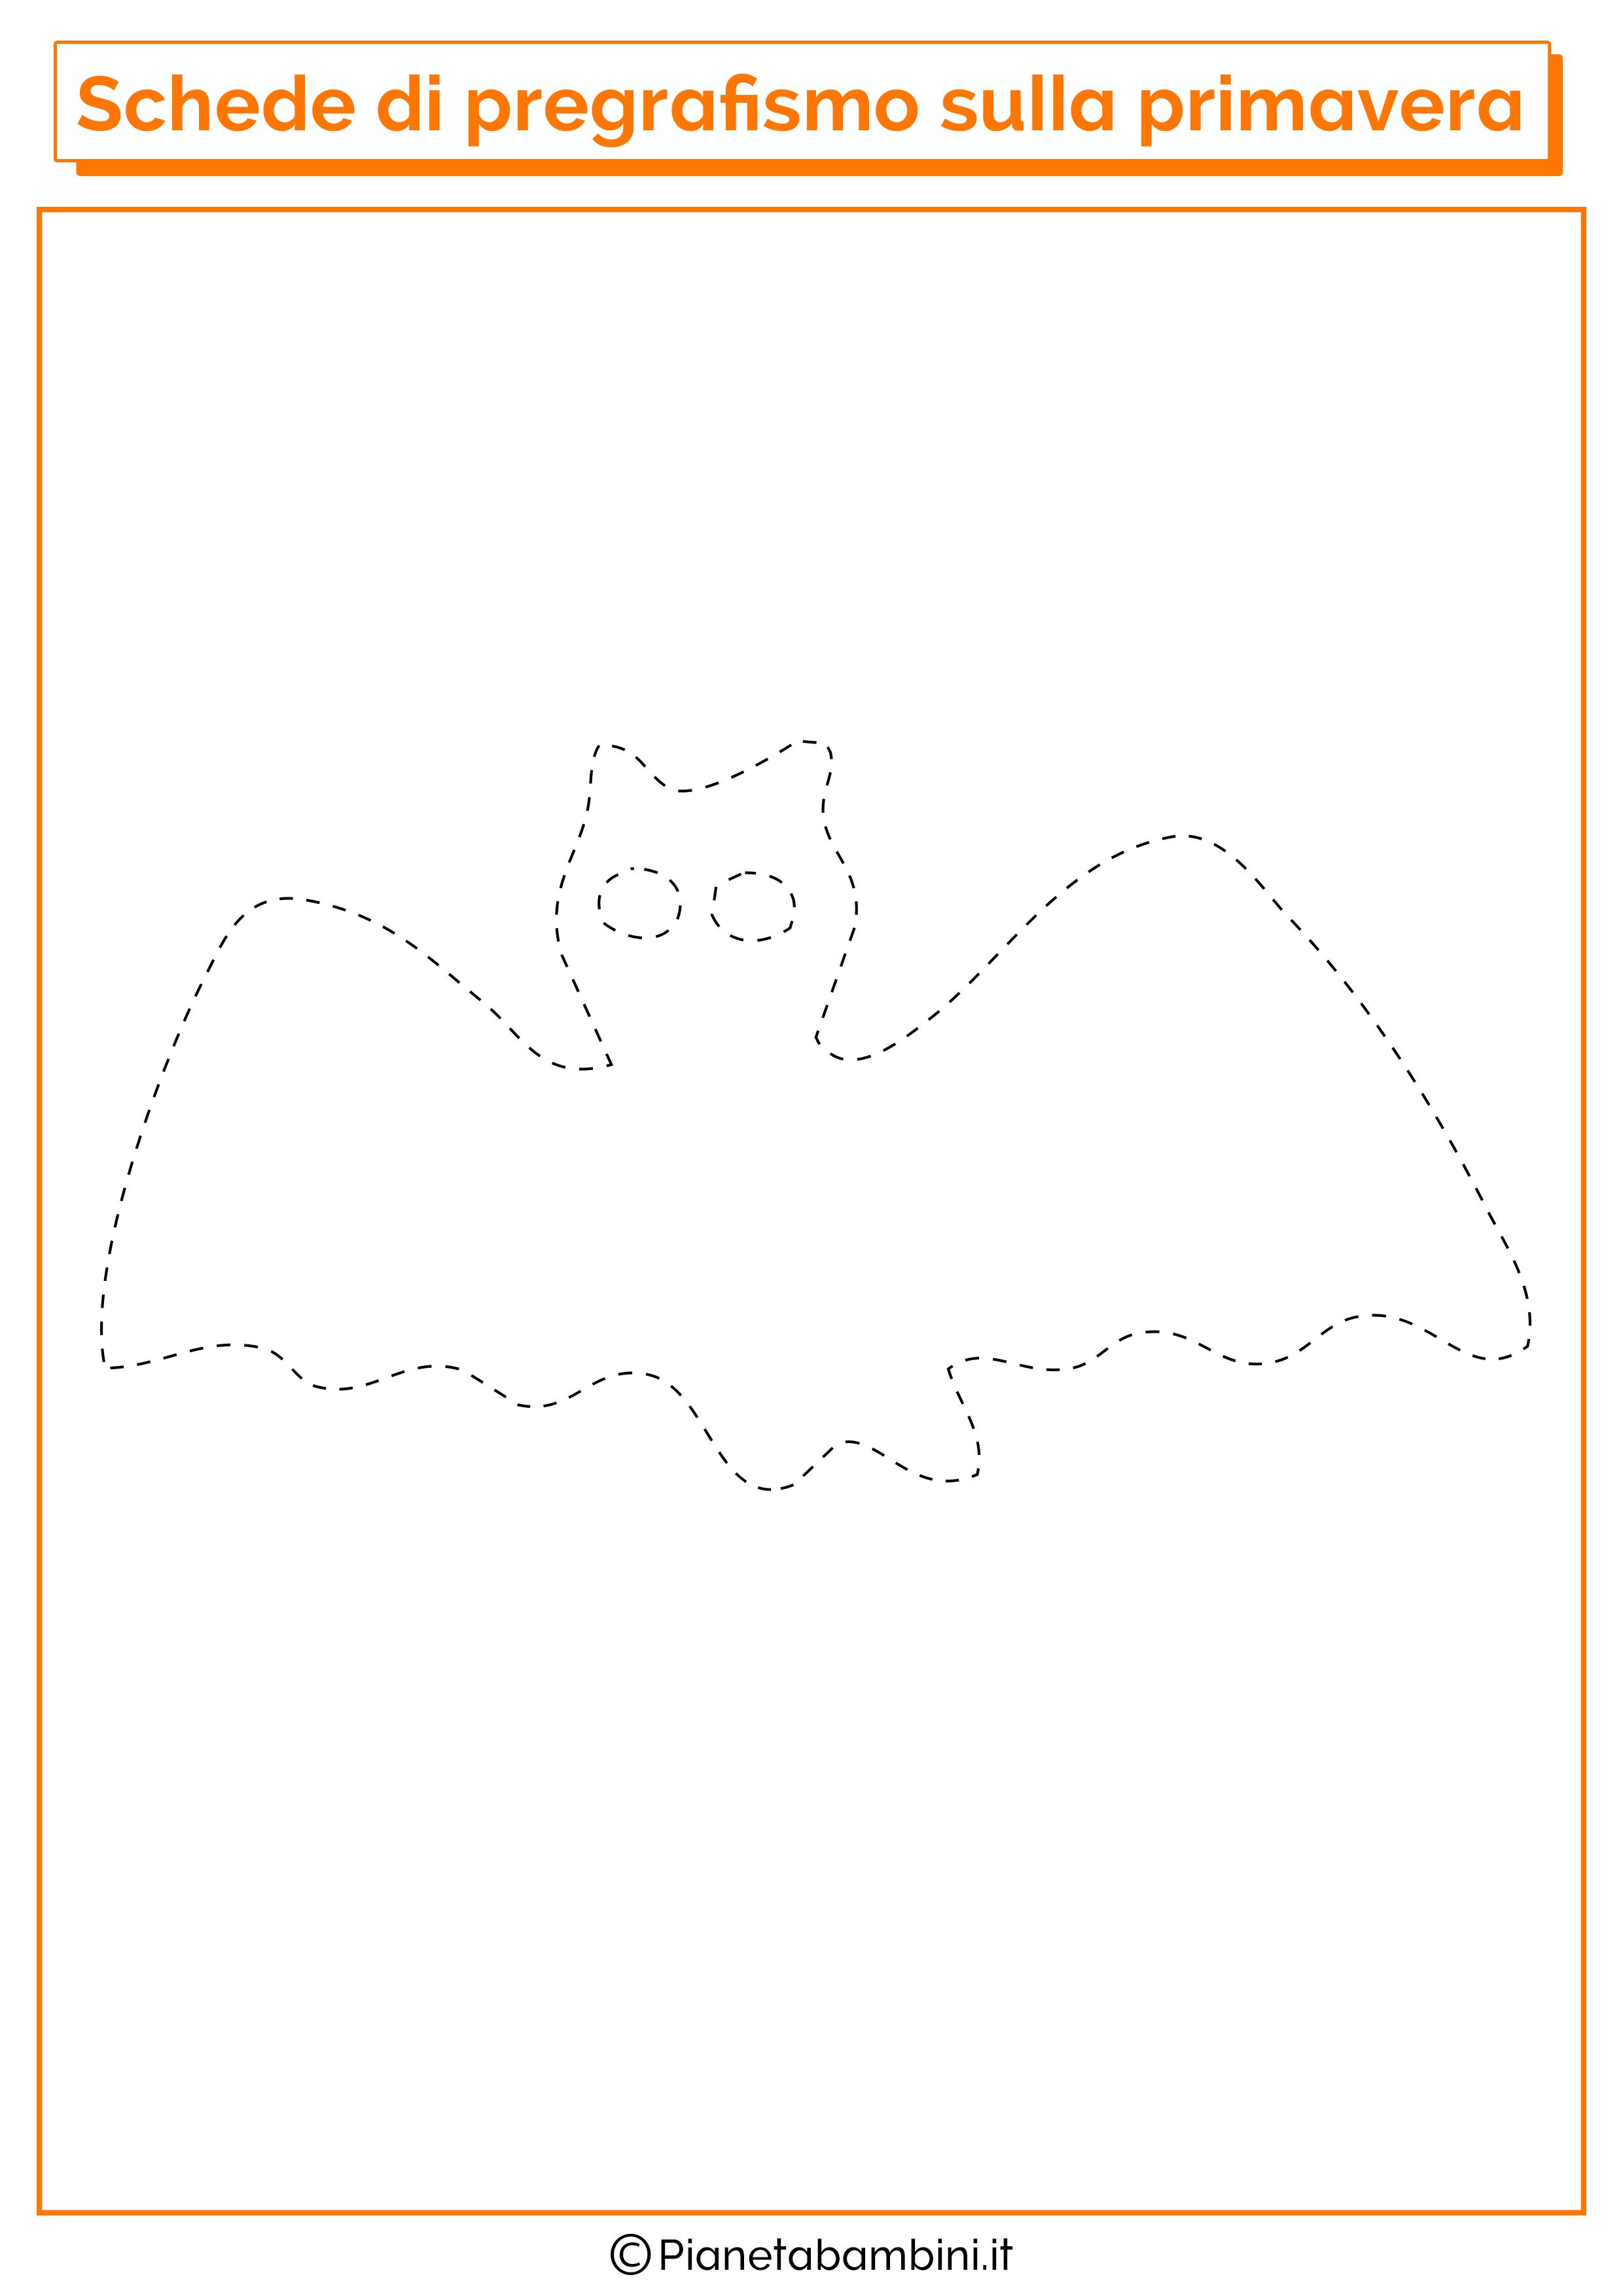 Pregrafismo-Primavera-Pipistrello